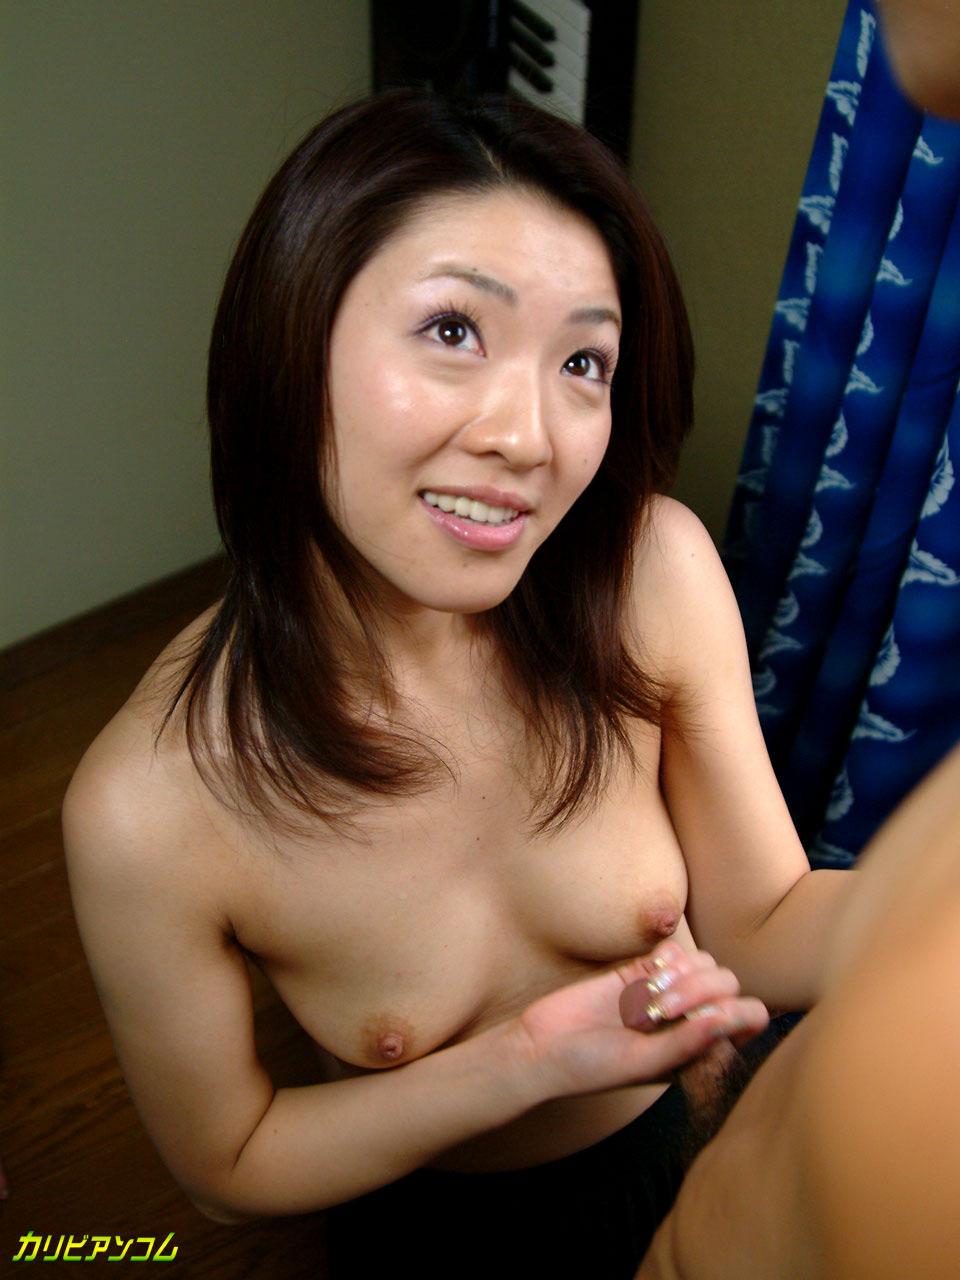 美人妻涼子参上! 瀬名涼子